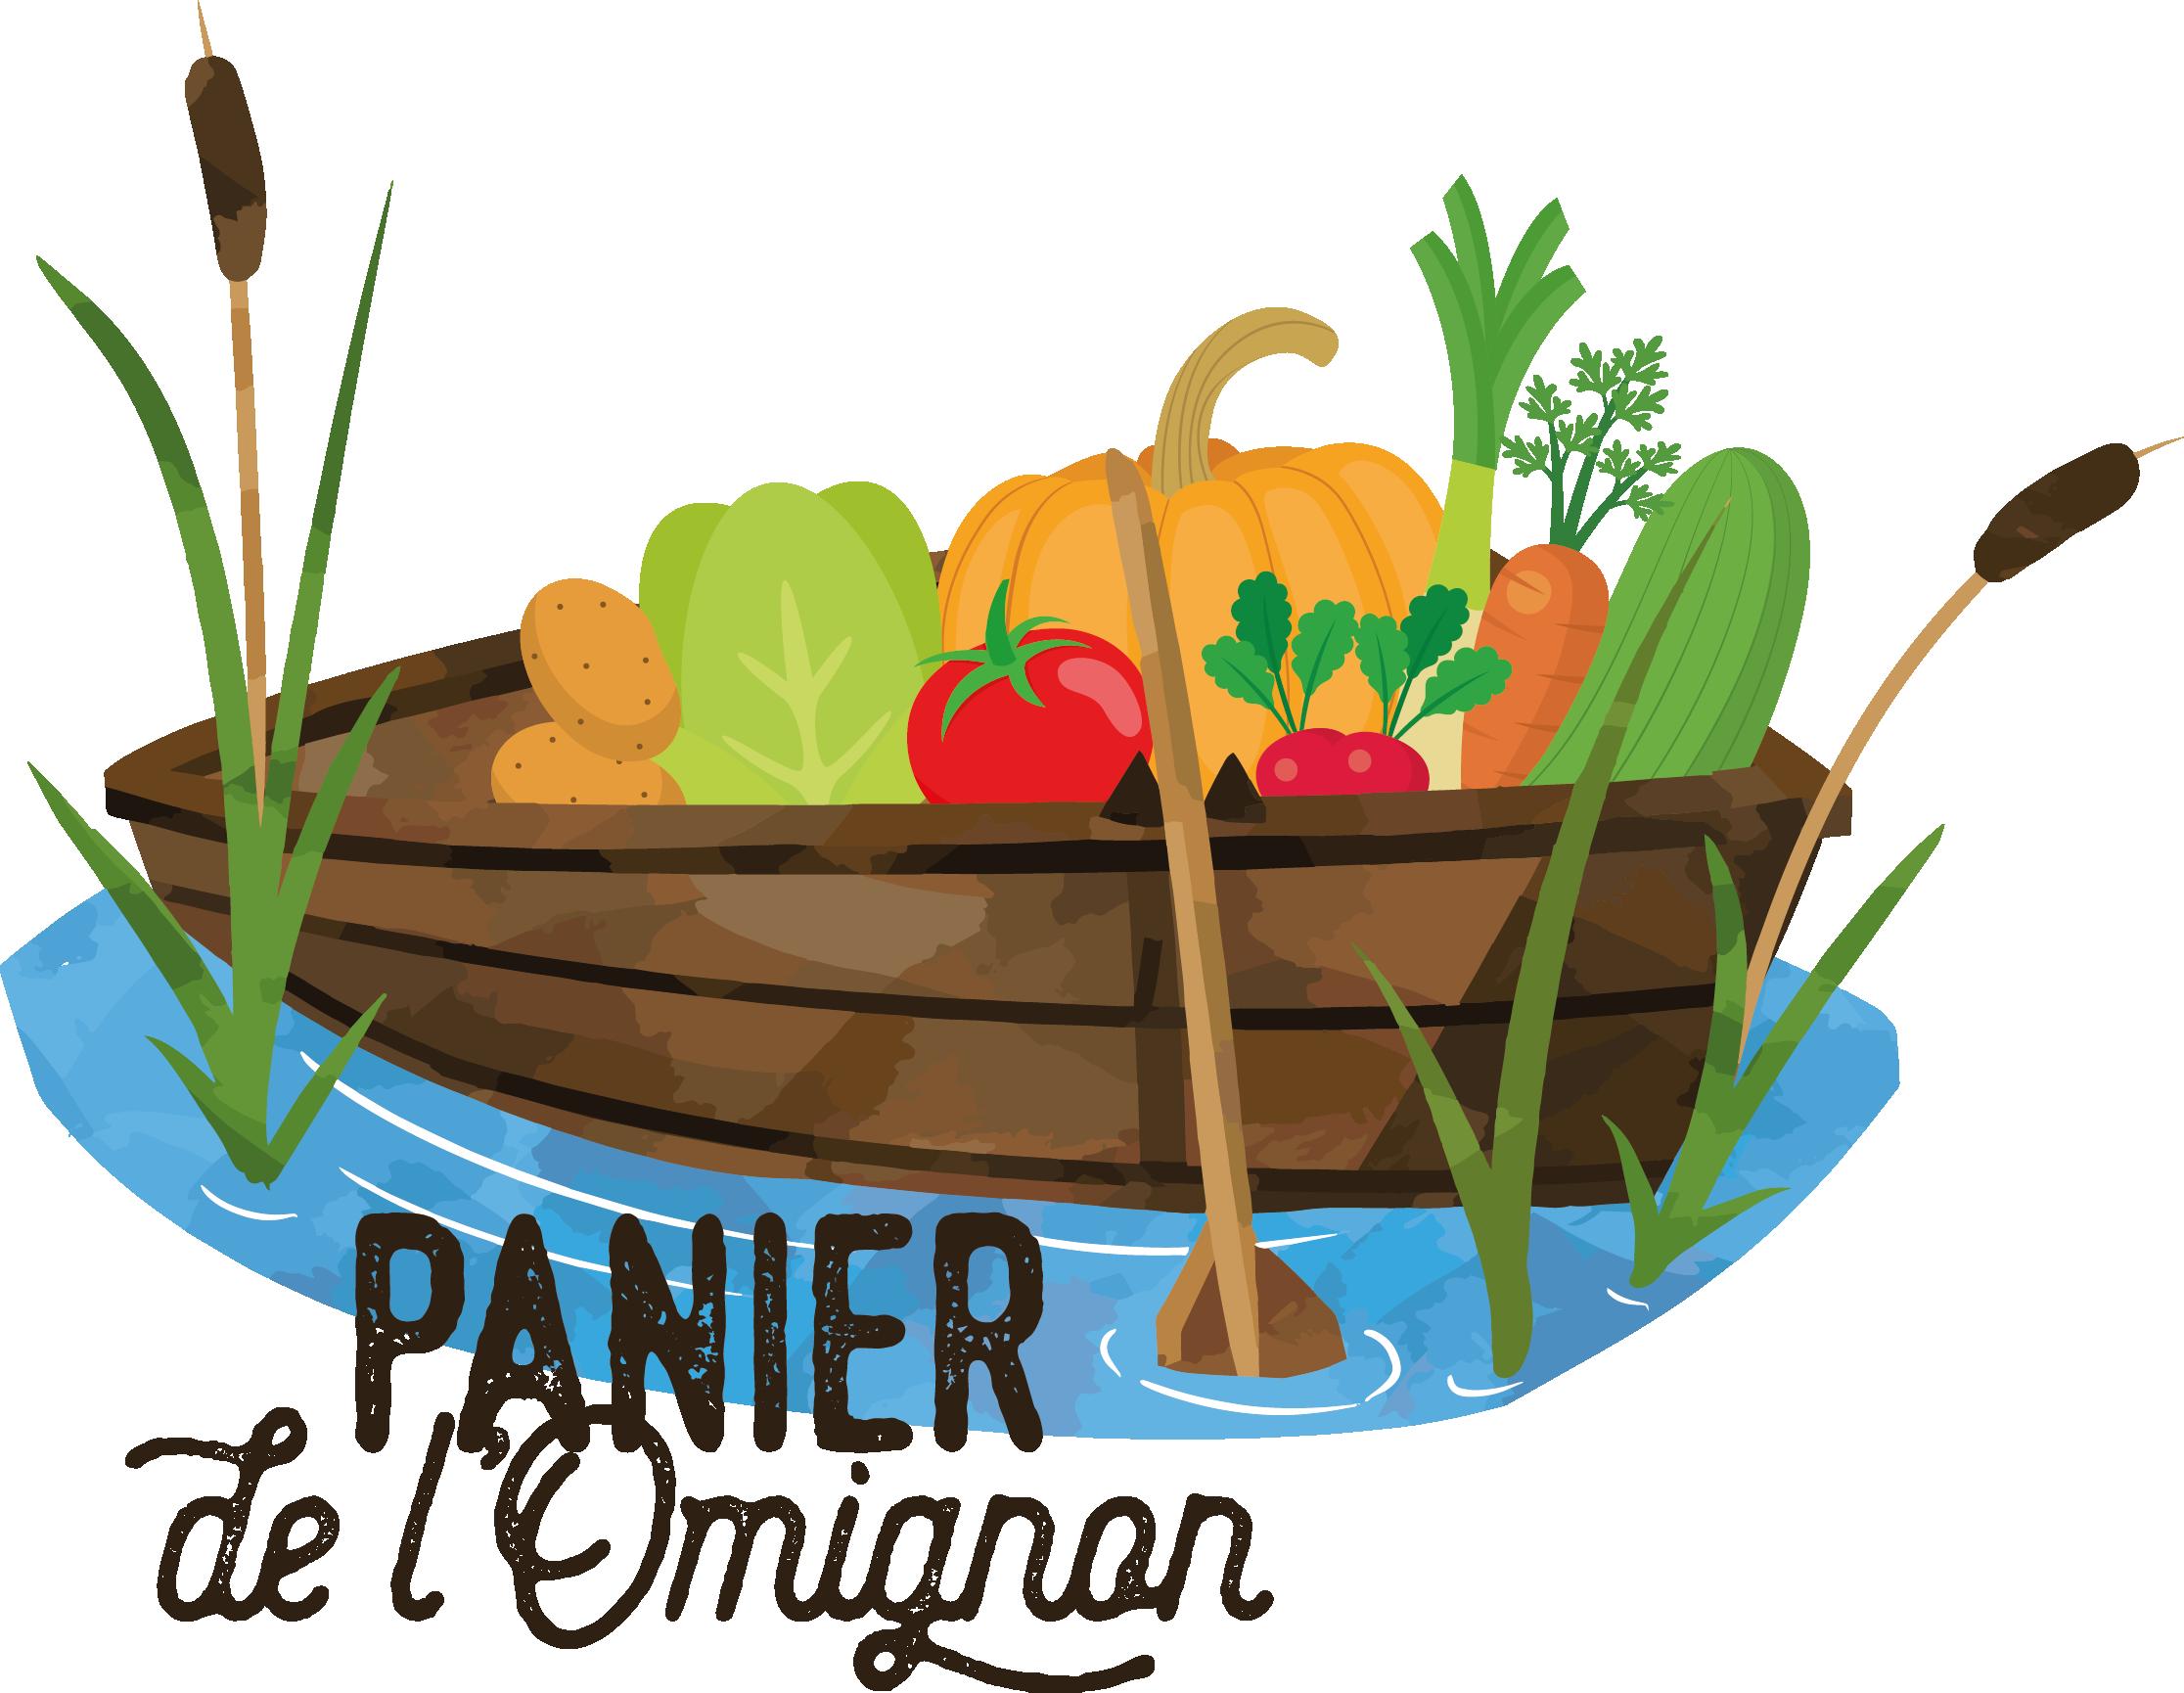 Le Panier de l'Omignon vous offre divers produits issus de producteurs locaux. Soucieux de l'environnement et de votre santé, nous vous garantissons des produits frais et de qualité.